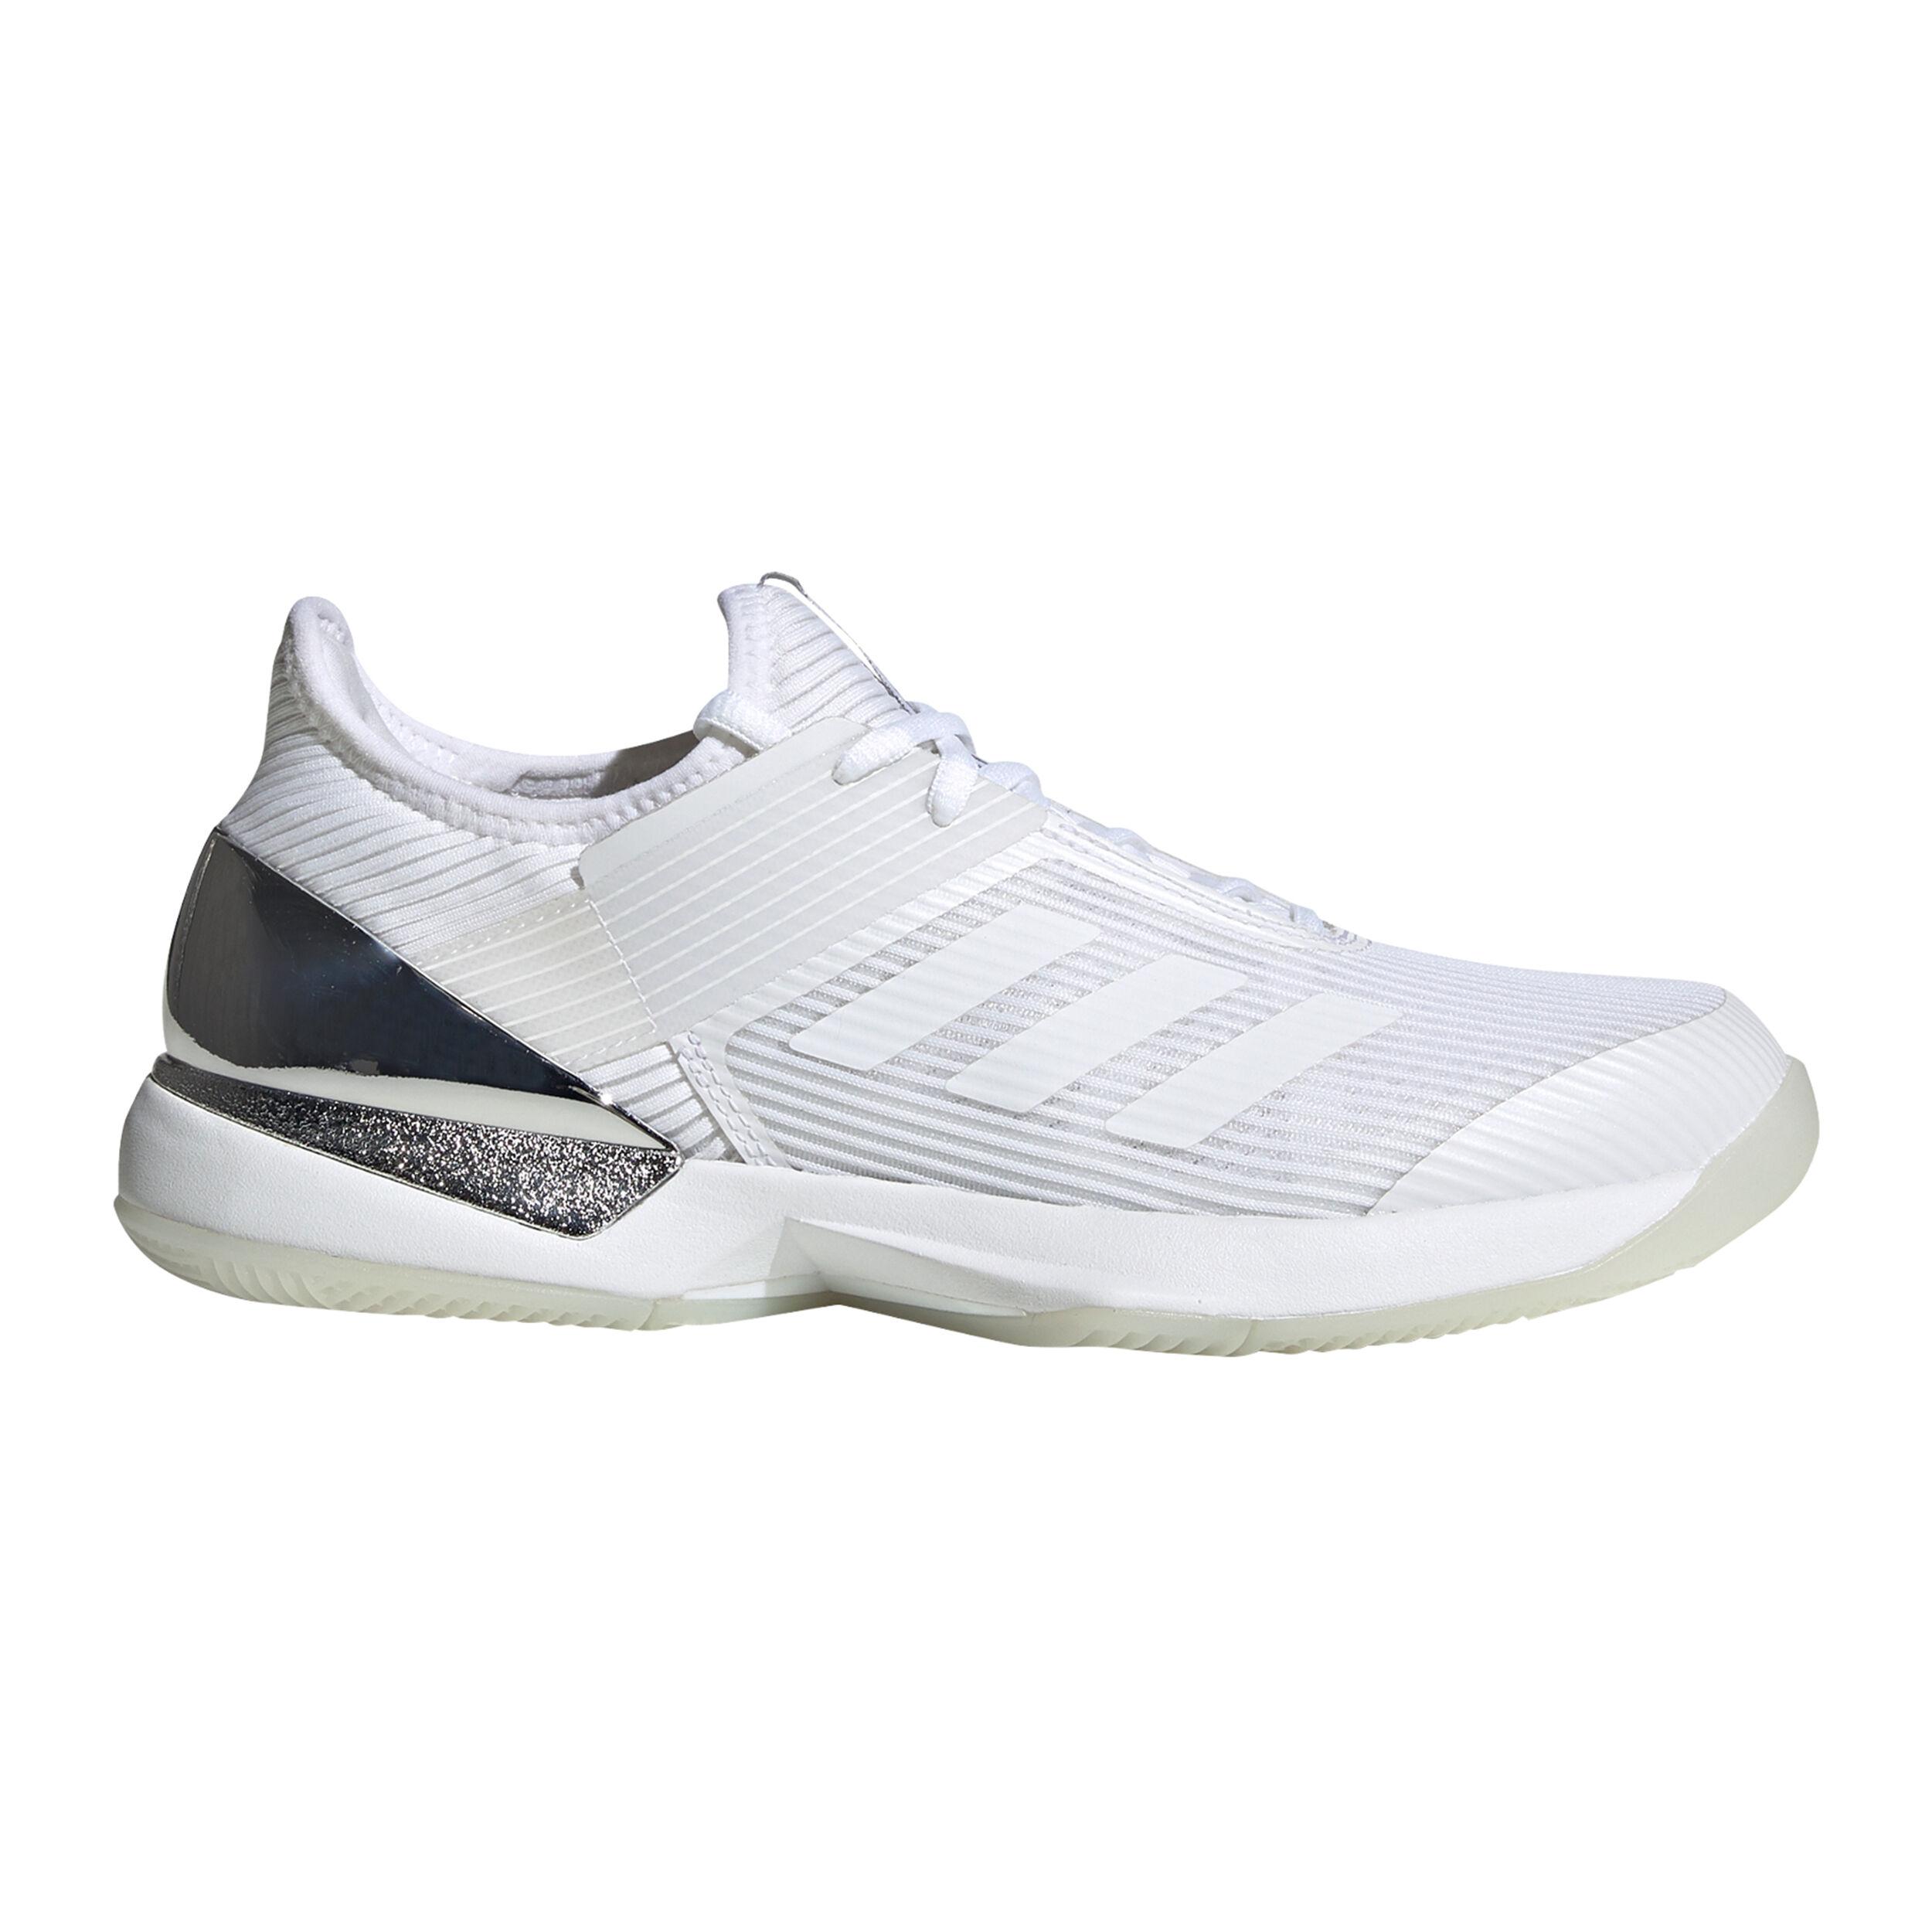 Adizero Ubersonic 3 Chaussures Toutes Surfaces Femmes Blanc , Noir